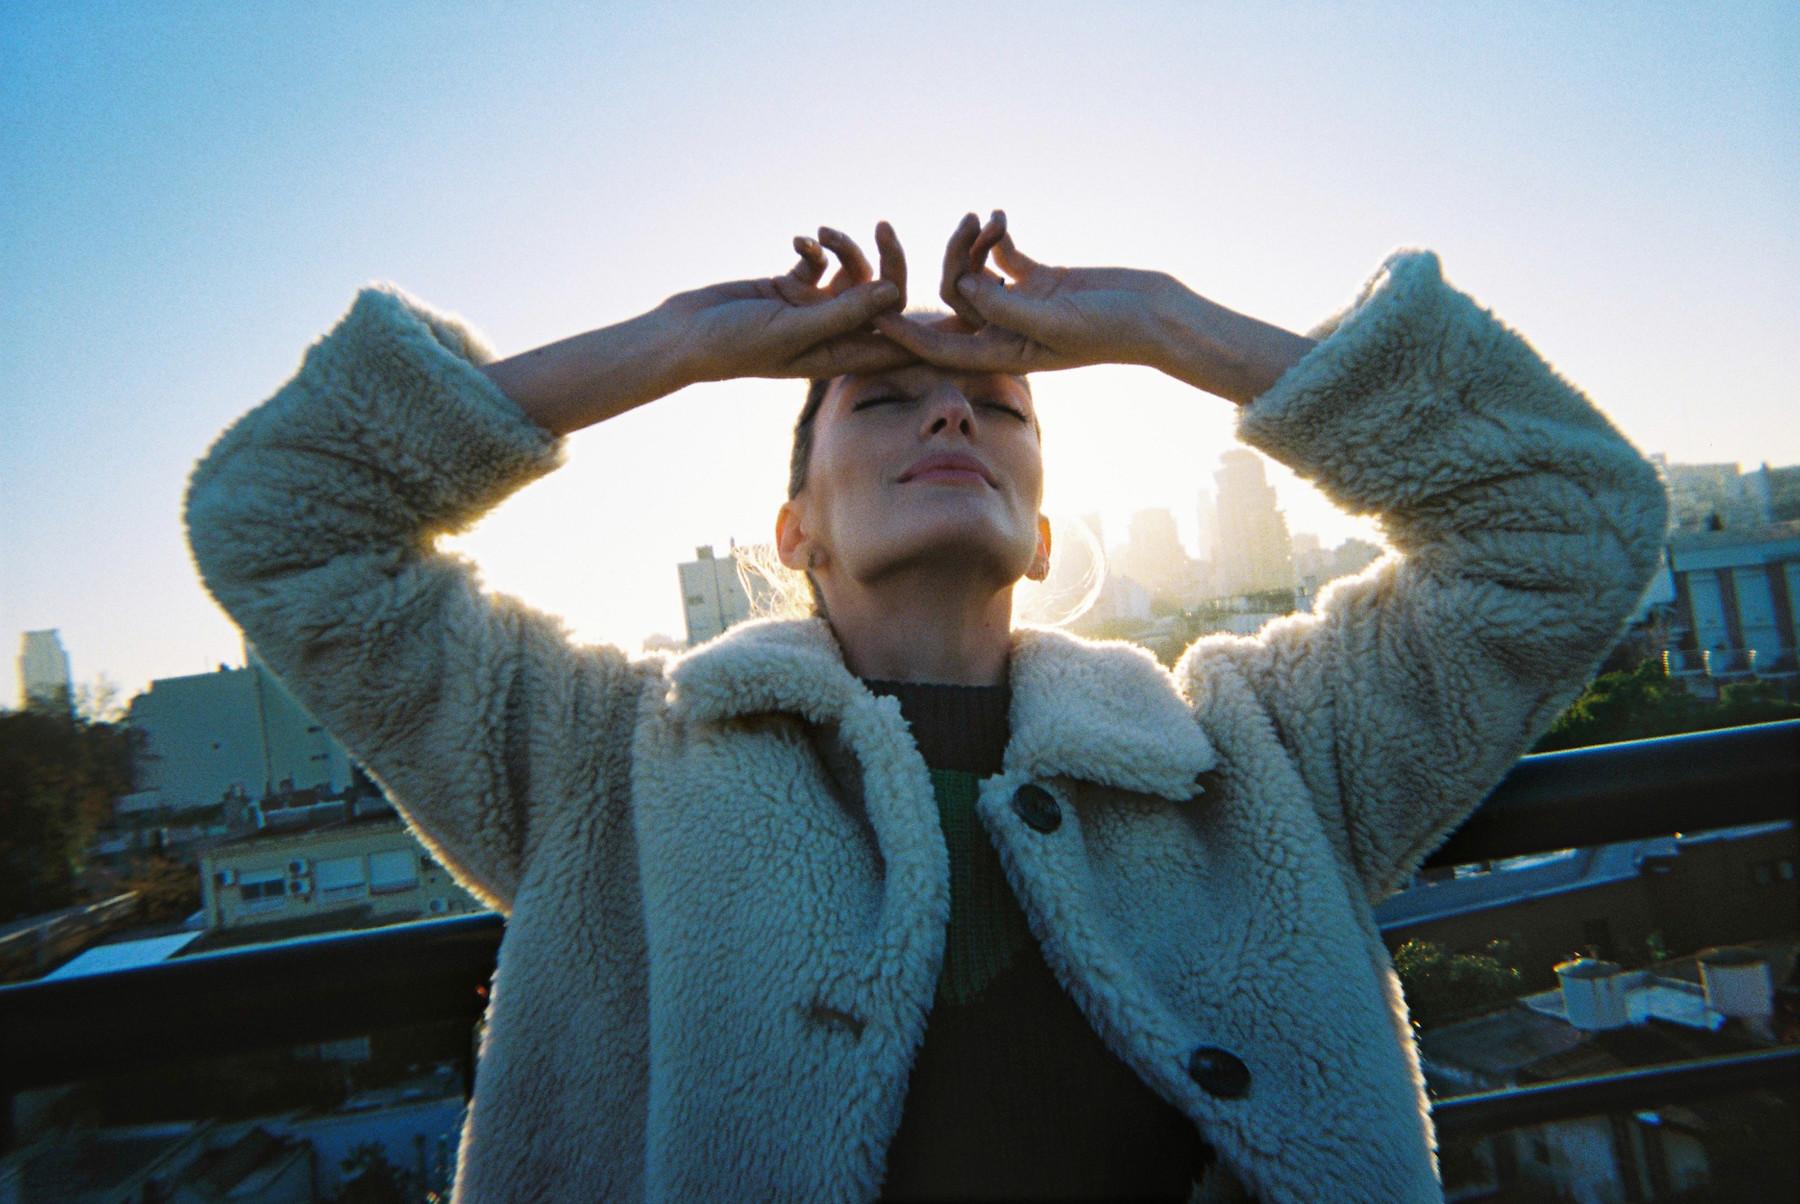 """Khi trời trở rét, chiếc áo len không thể đủ giữ ấm cho bạn, cũng là lúc những chiếc áo khoác lông shearling trở thành """"trợ thủ"""" đắc lực, vừa giữ ấm, vừa tạo phong cách nổi bật cho ngày đông giá rét."""